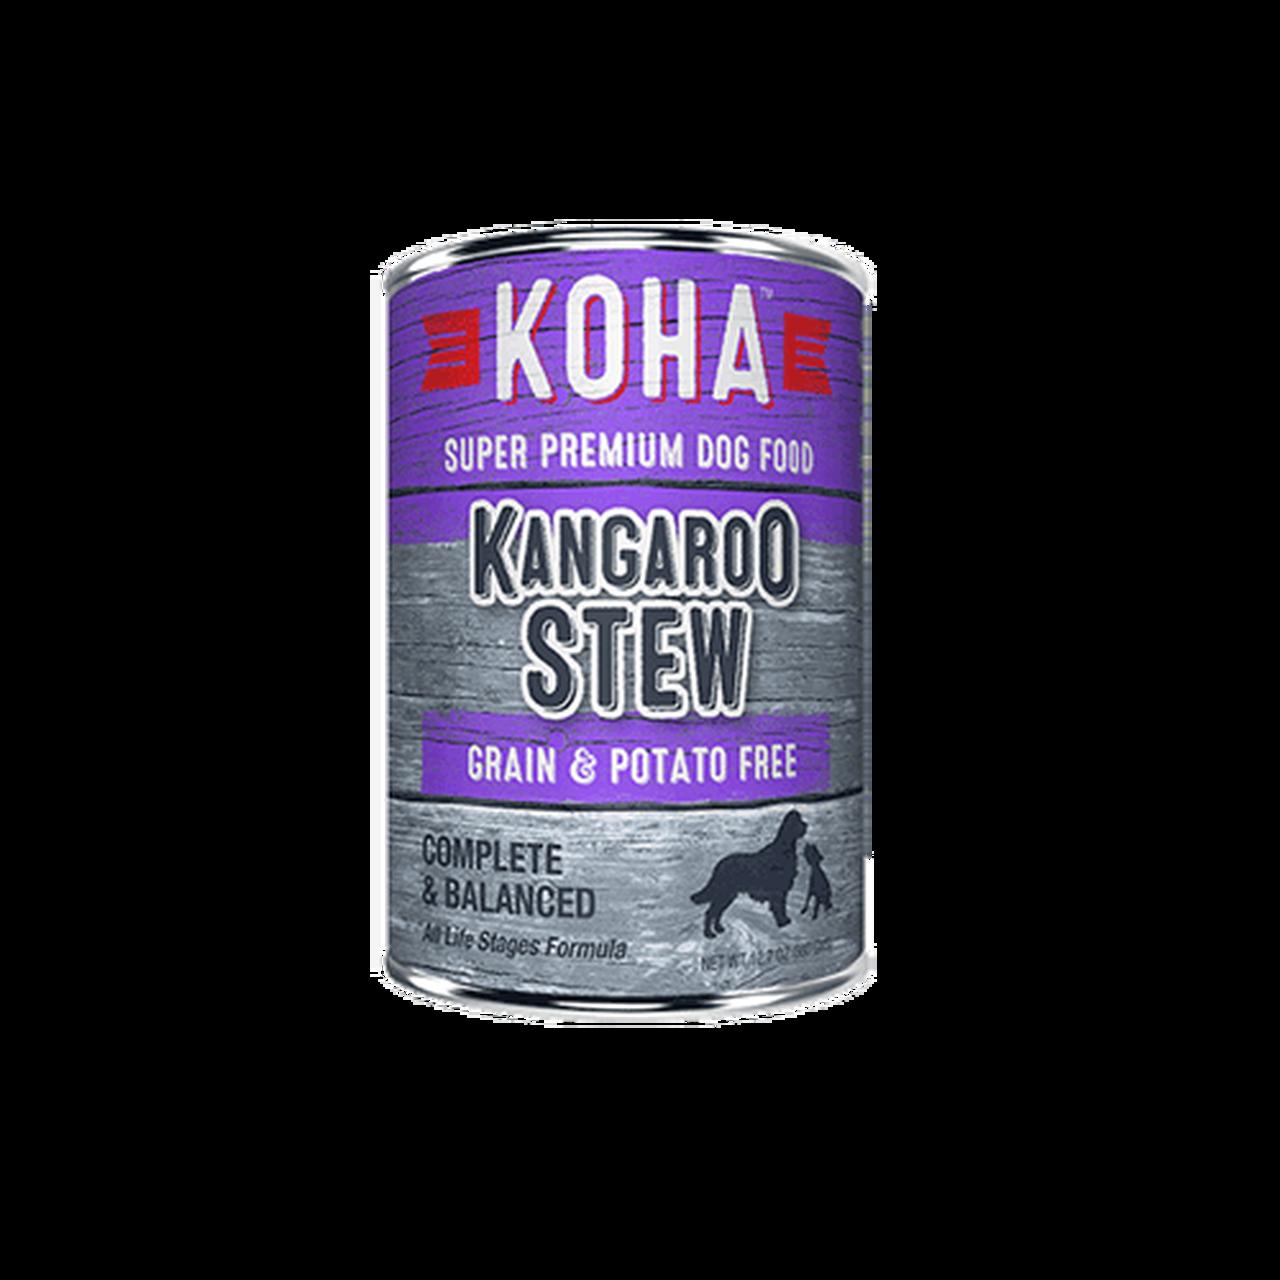 Koha Koha Kangaroo Stew